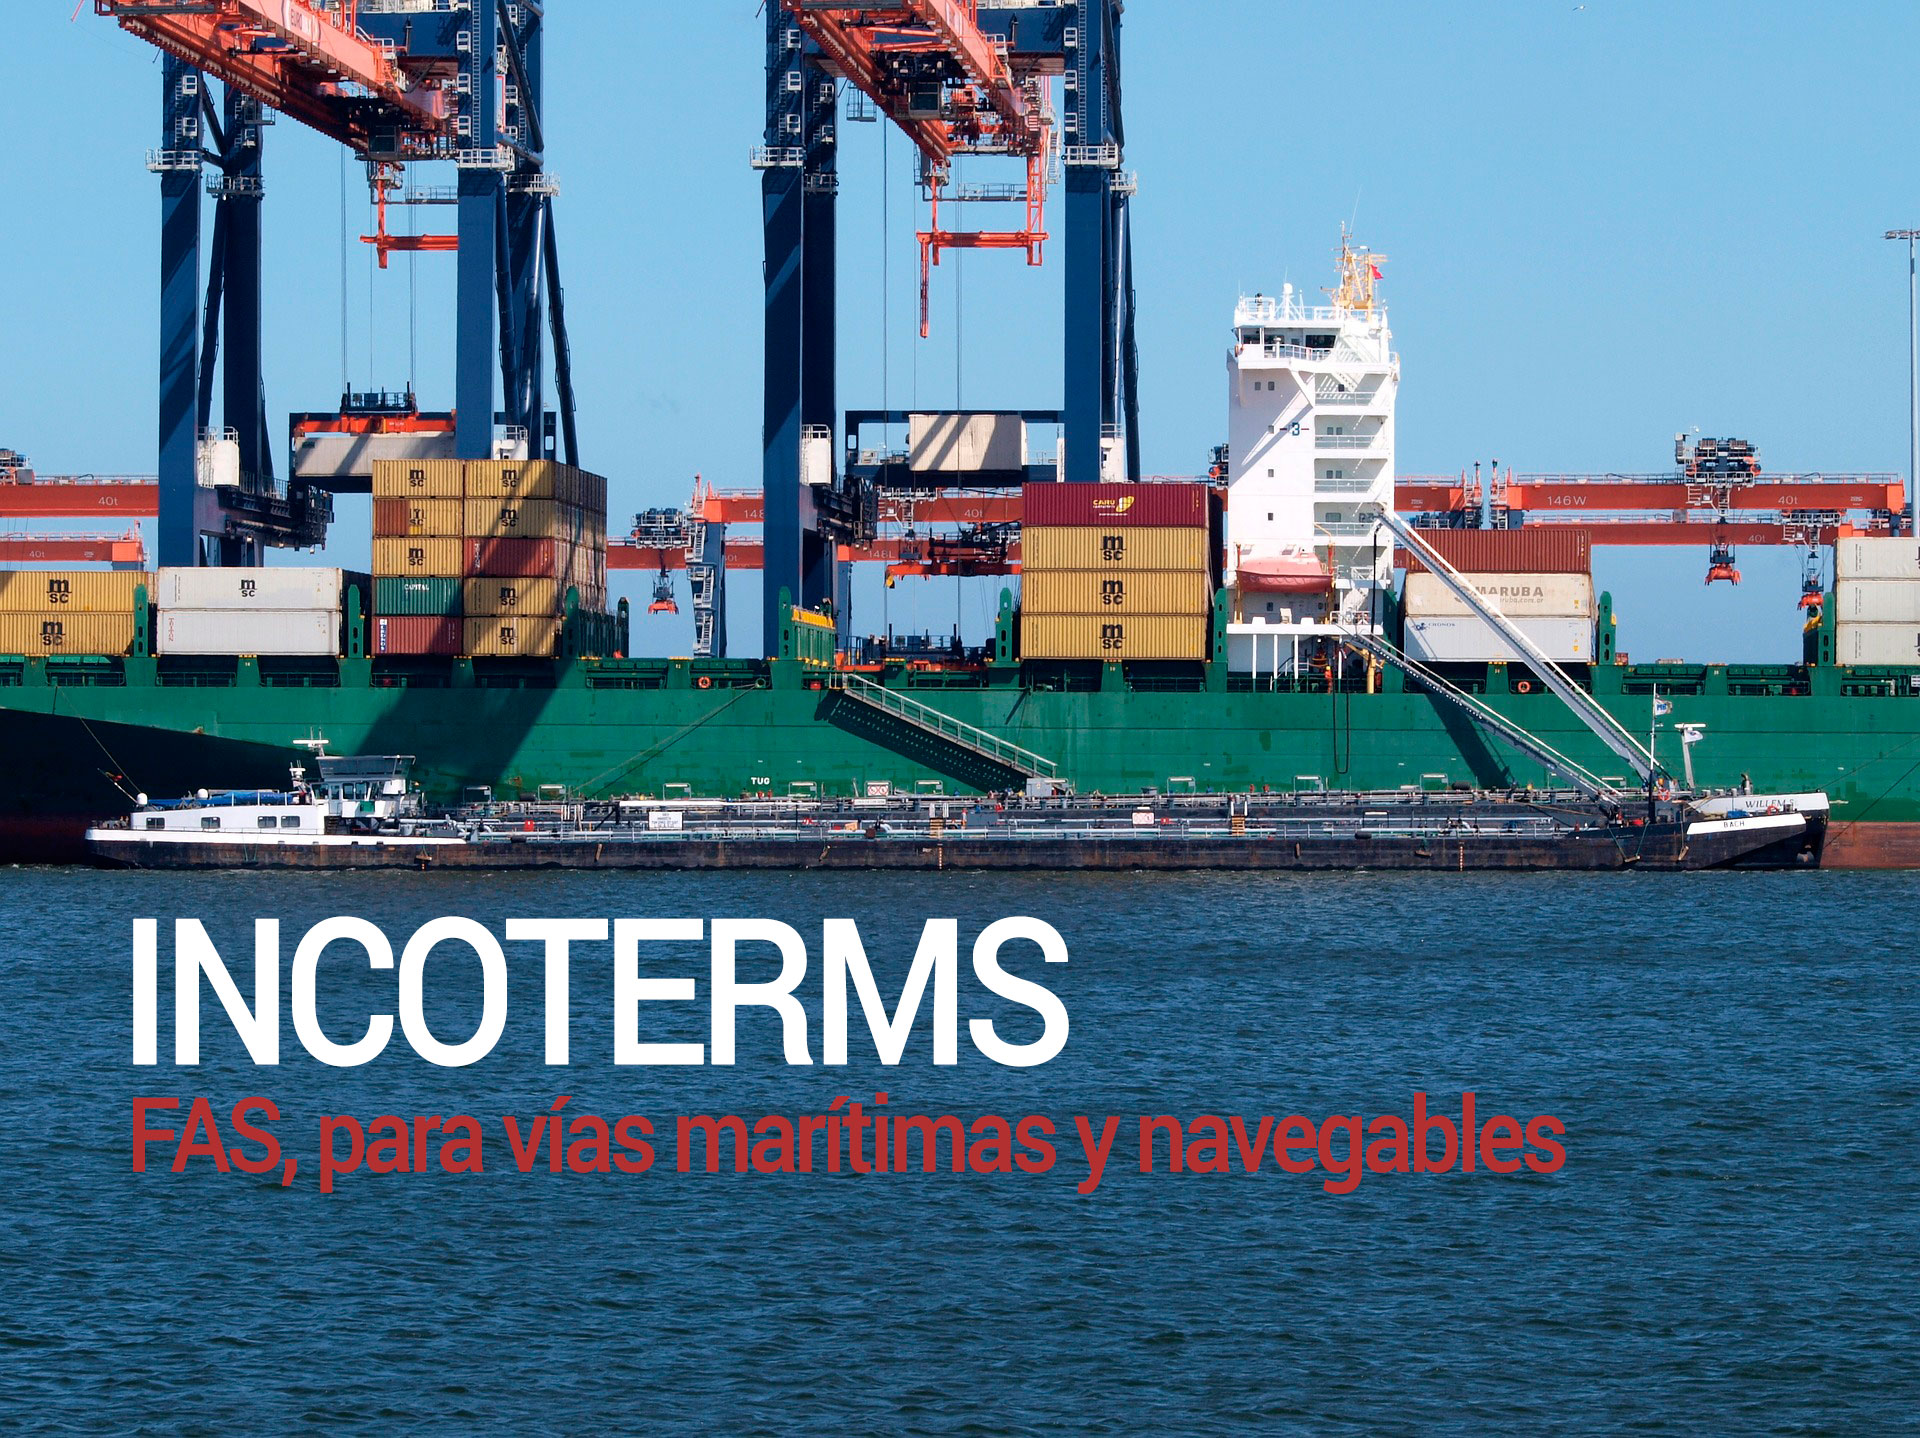 Incoterm FAS, para vías marítimas y navegables